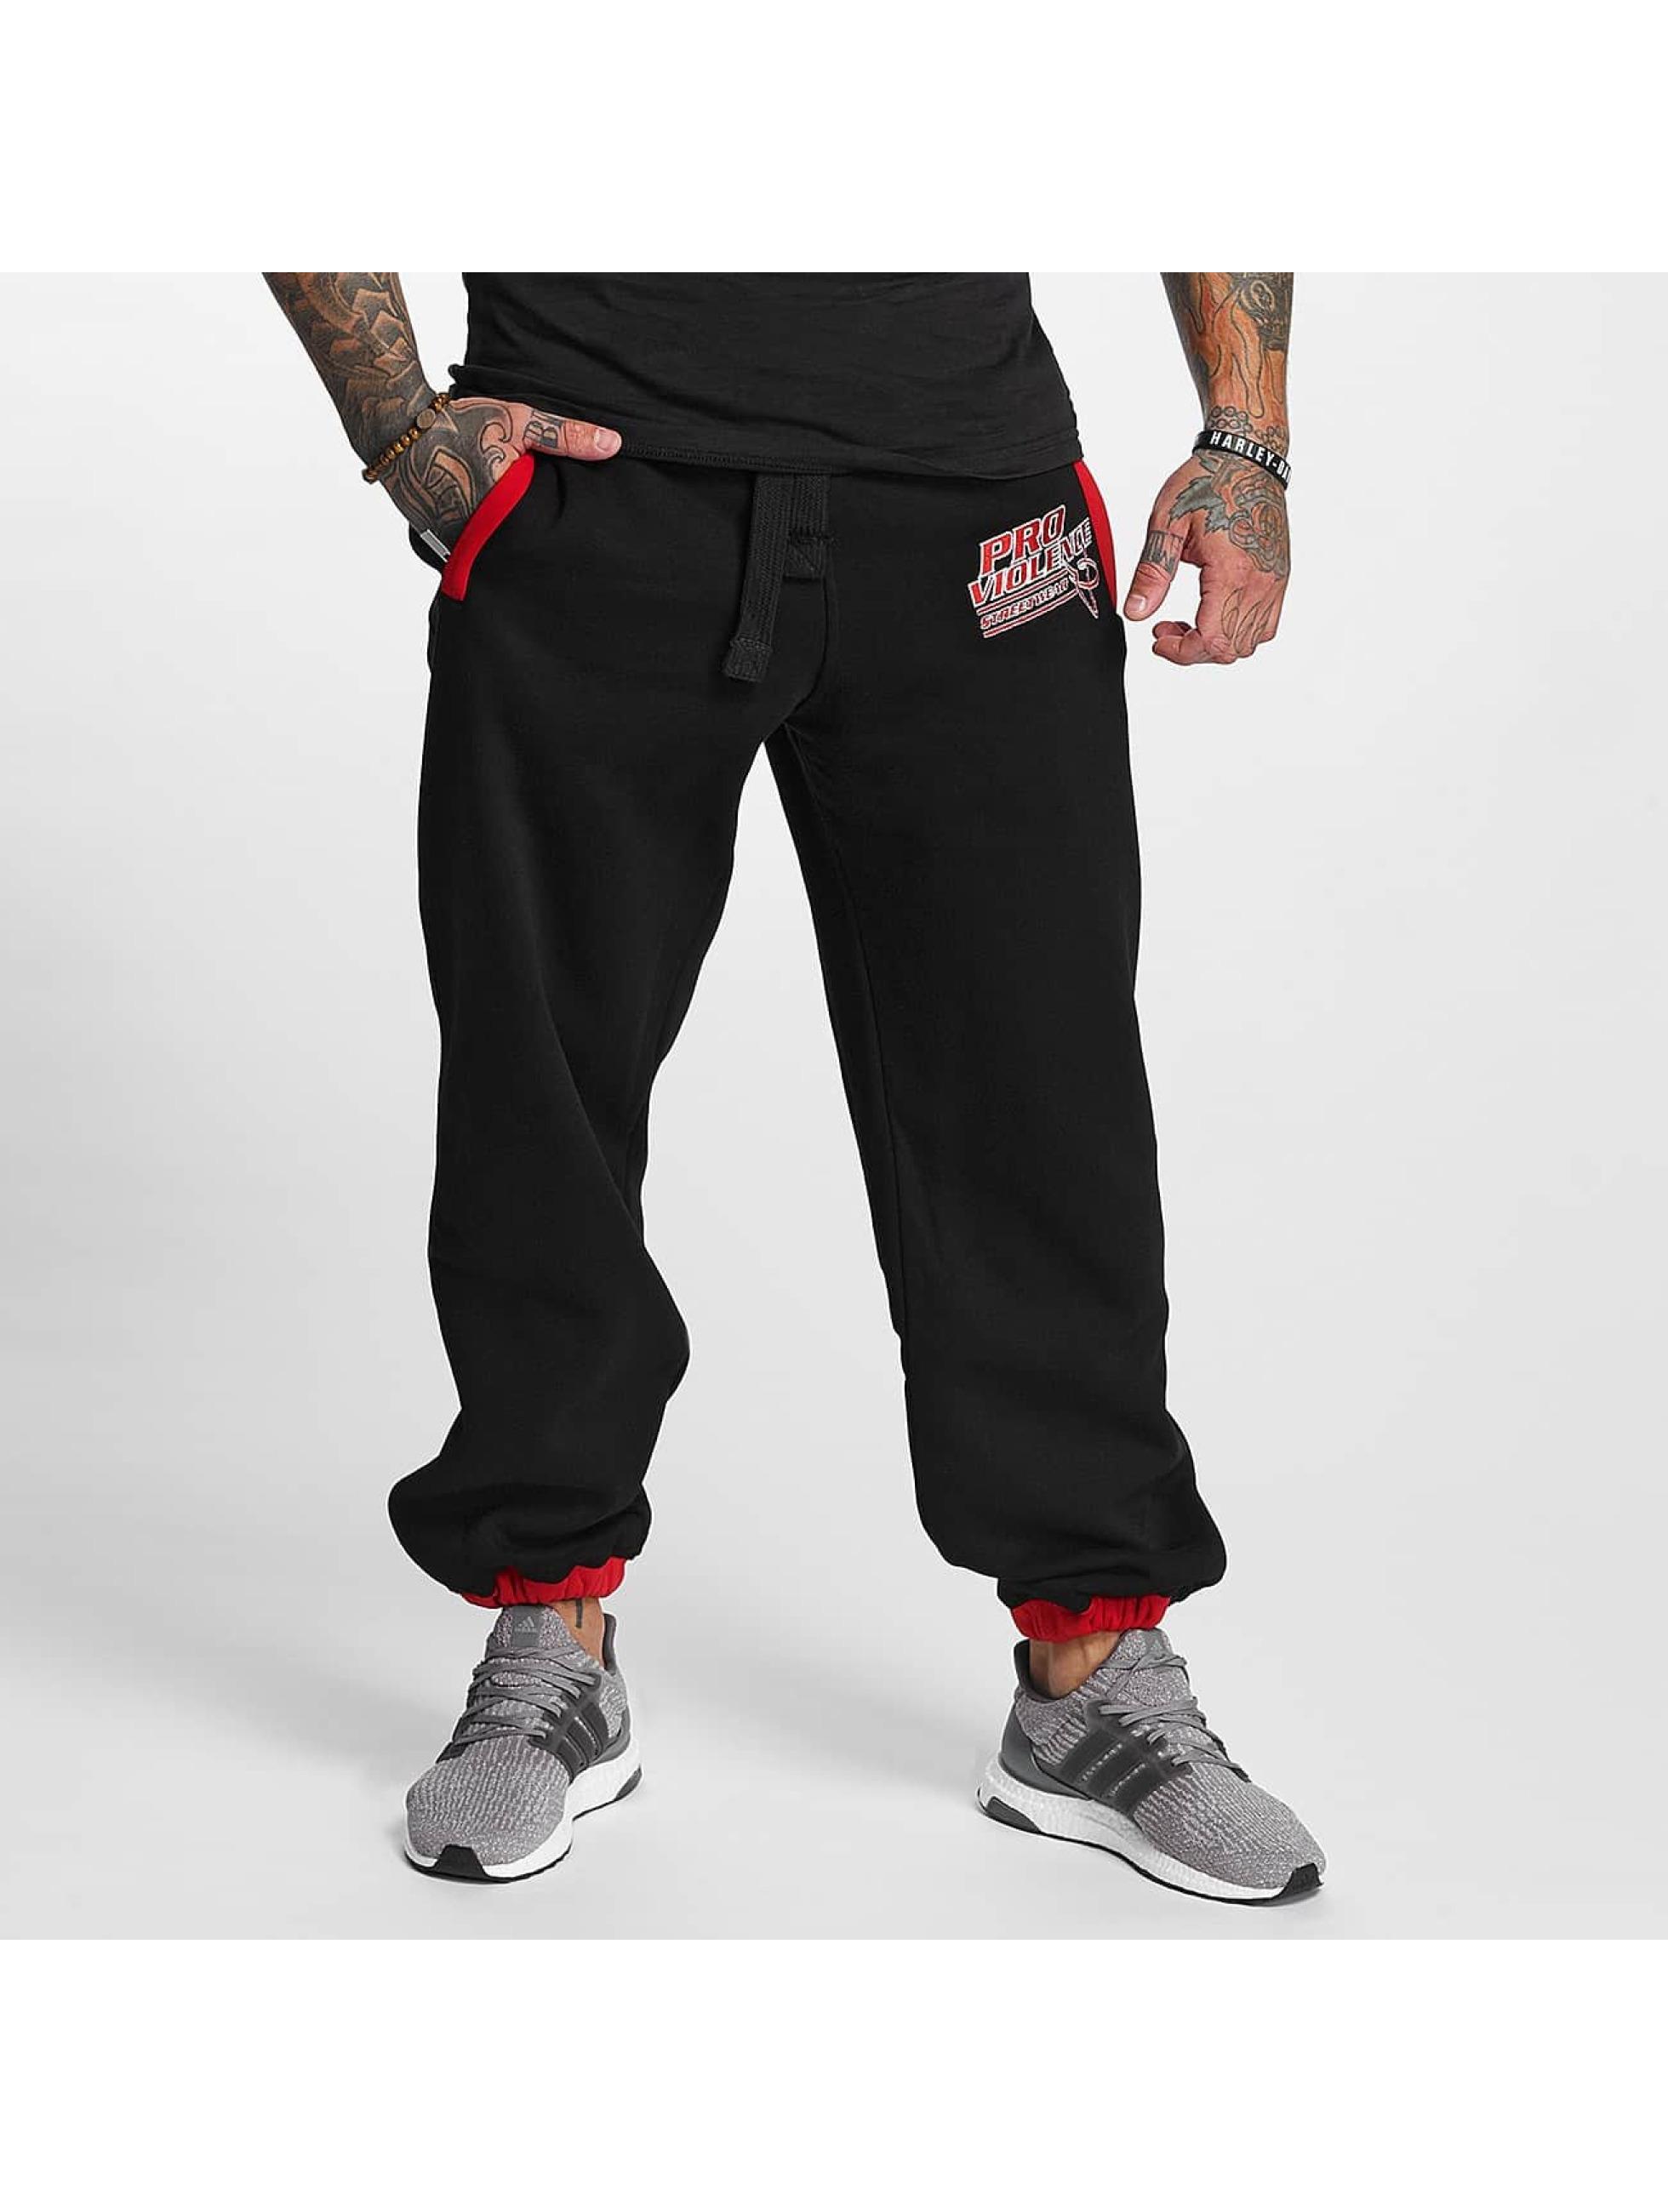 Pro Violence Streetwear Jogginghose Streetwear Sport schwarz